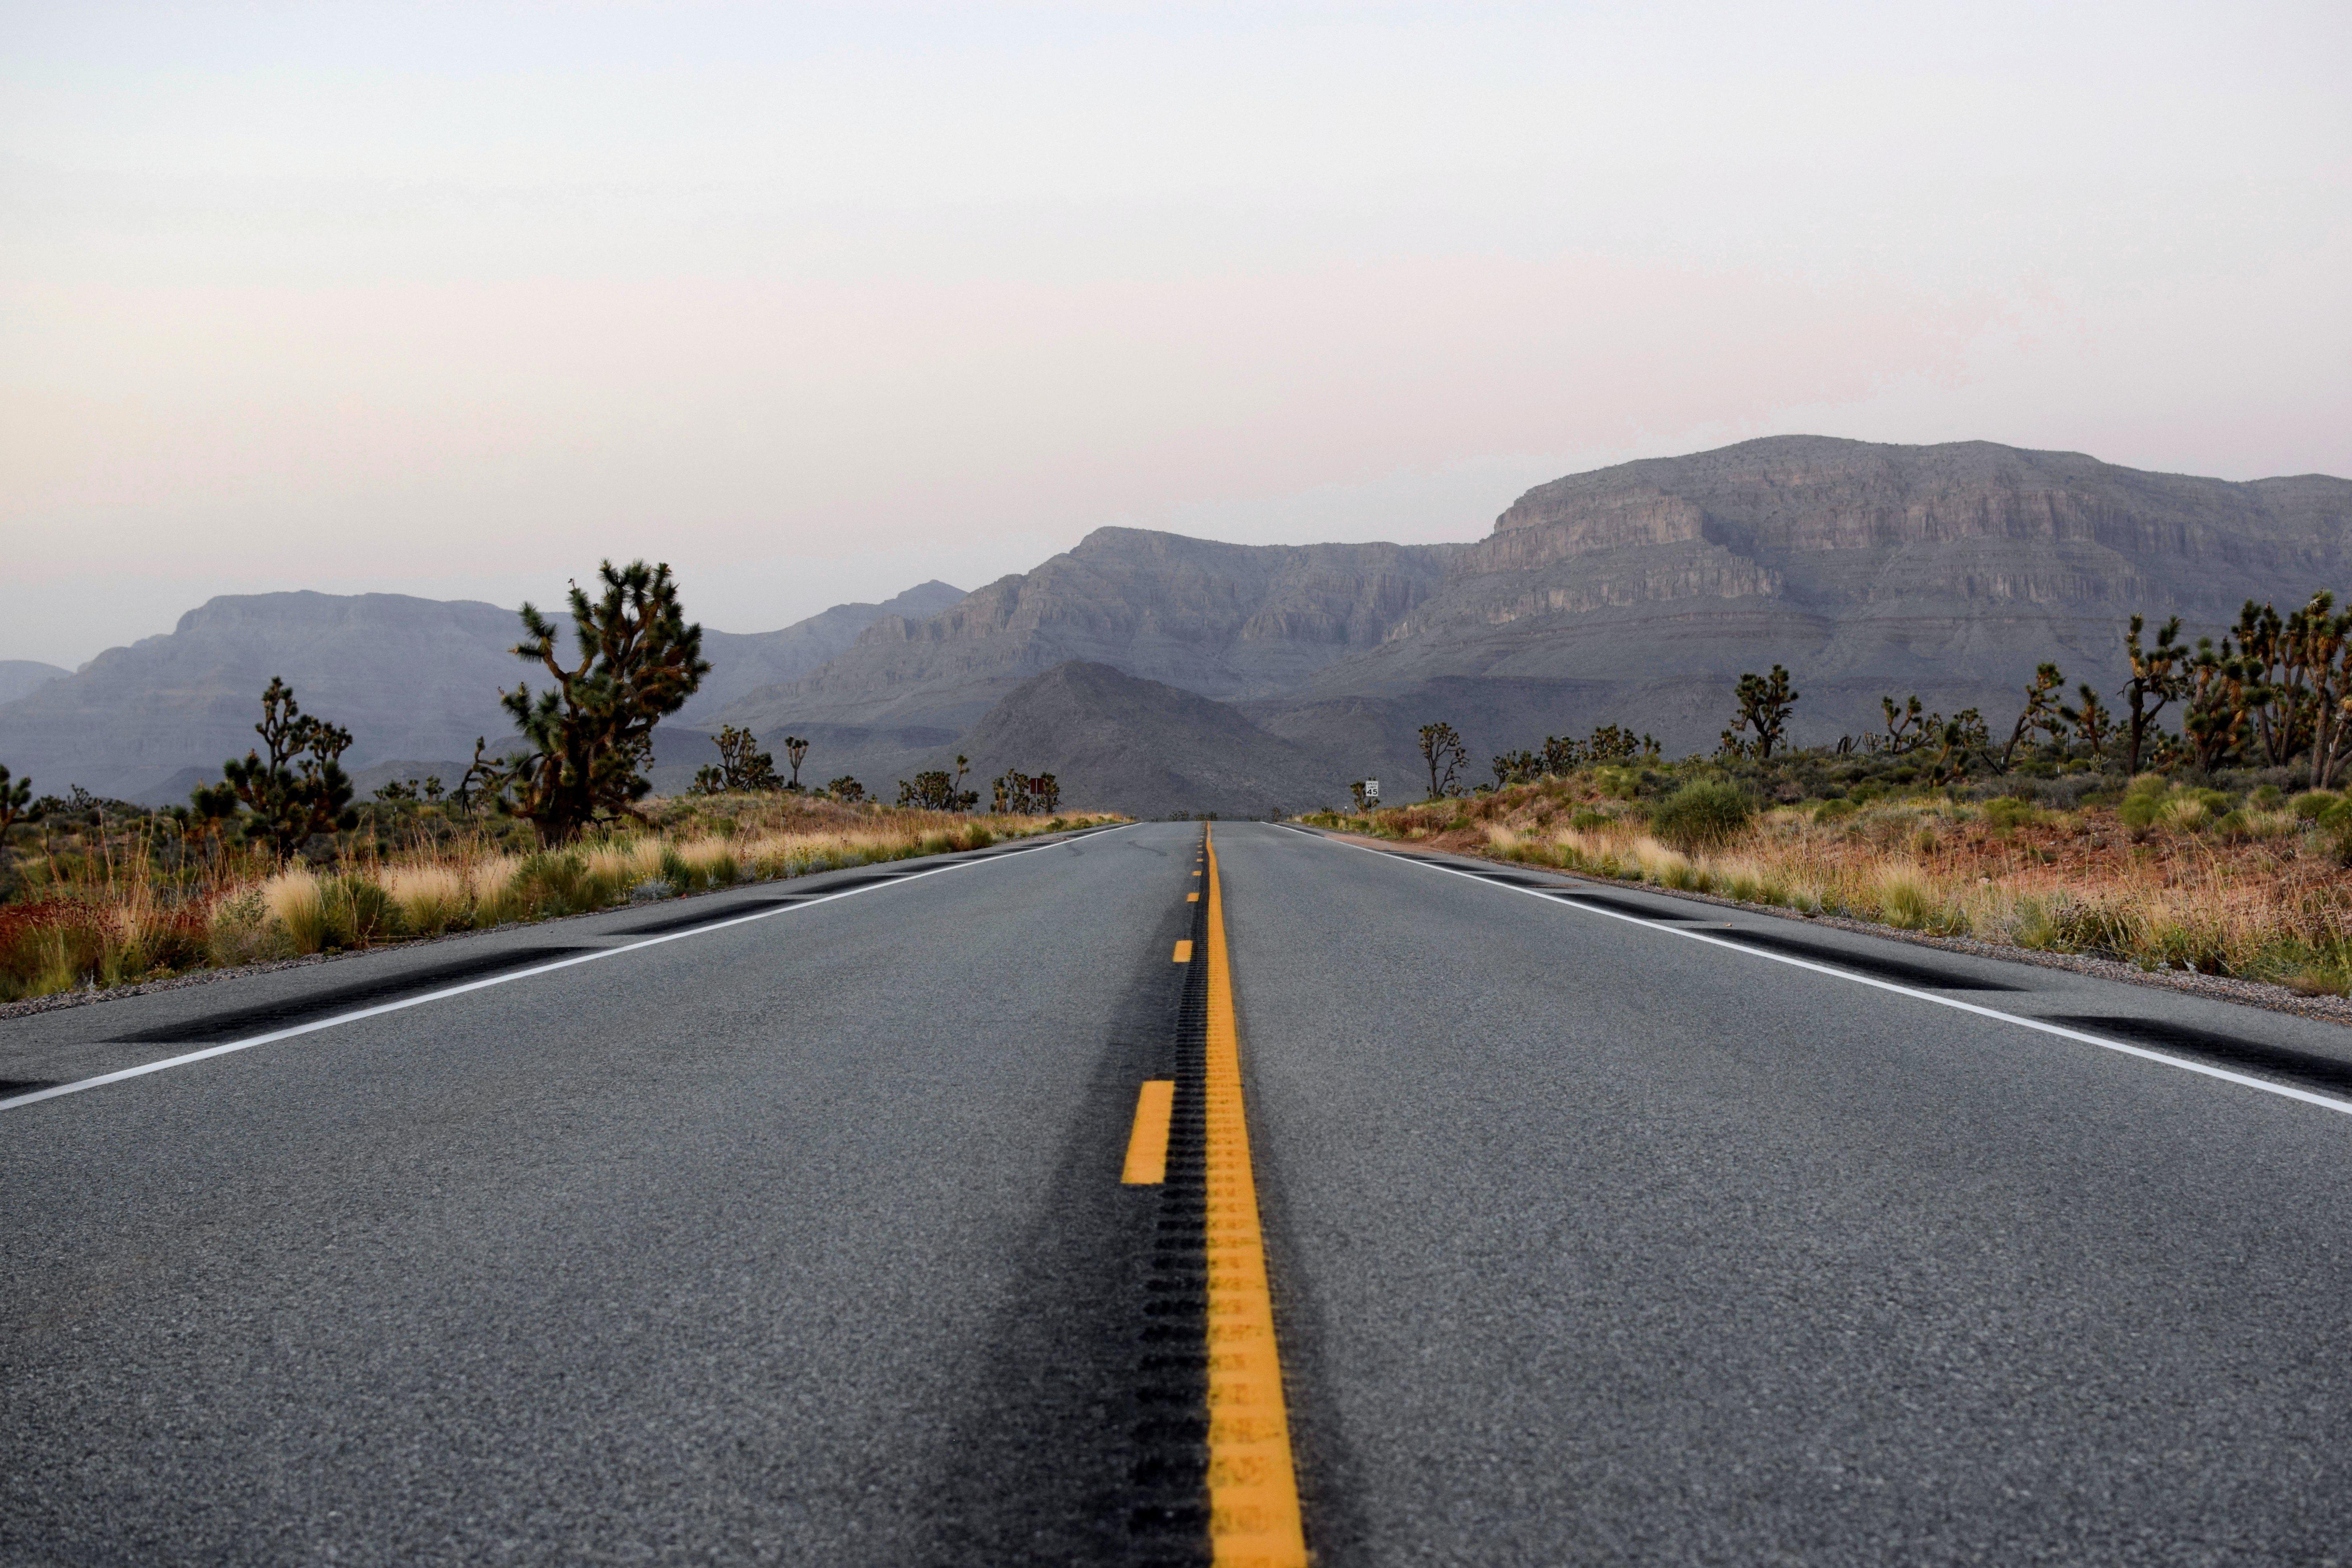 Open highway road in the desert of Arizona